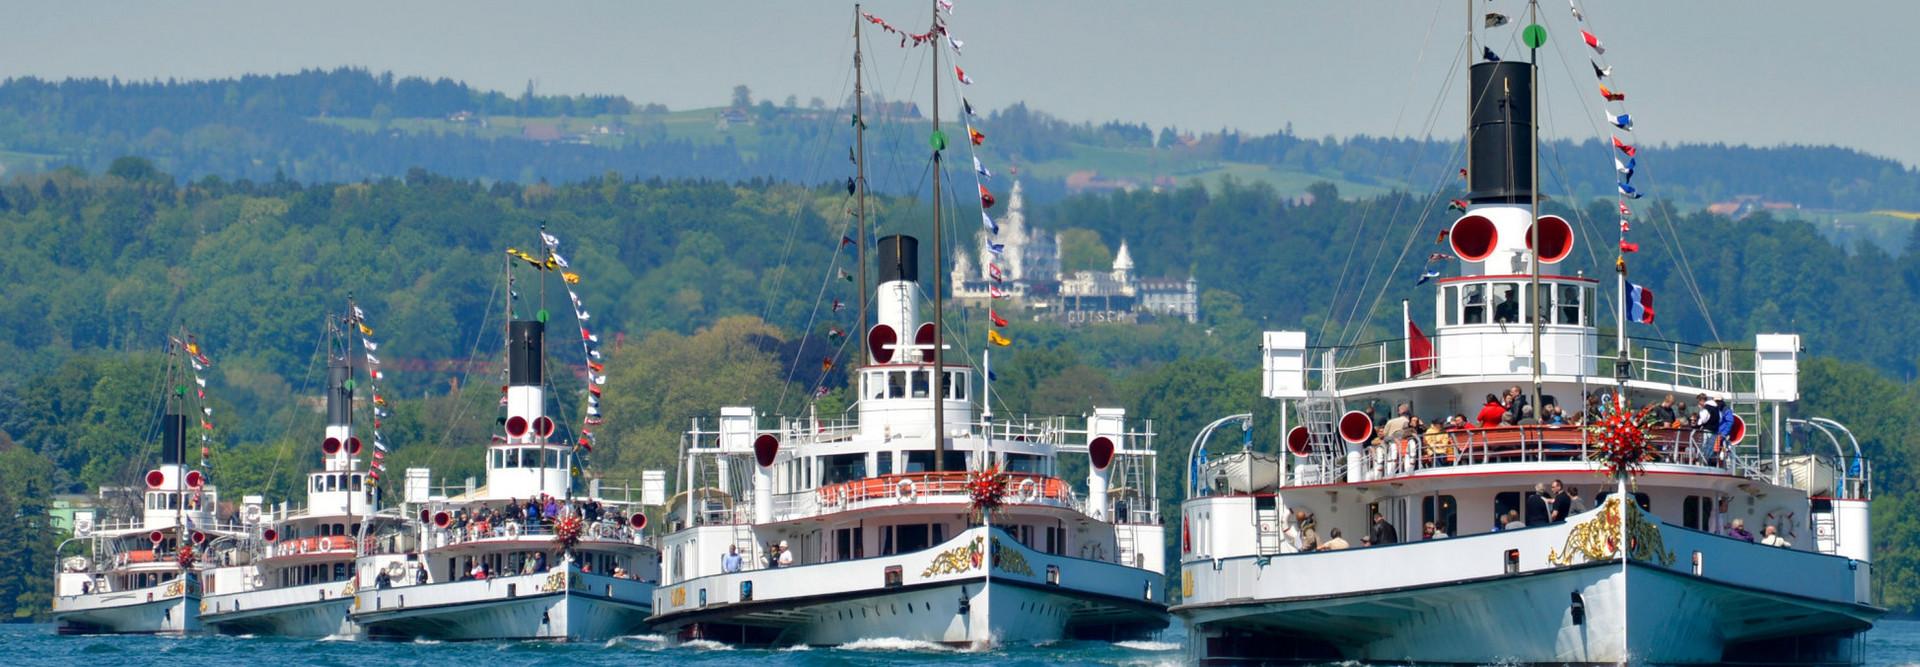 Die fünf nostalgischen Dampfschiffe an einer Parade.